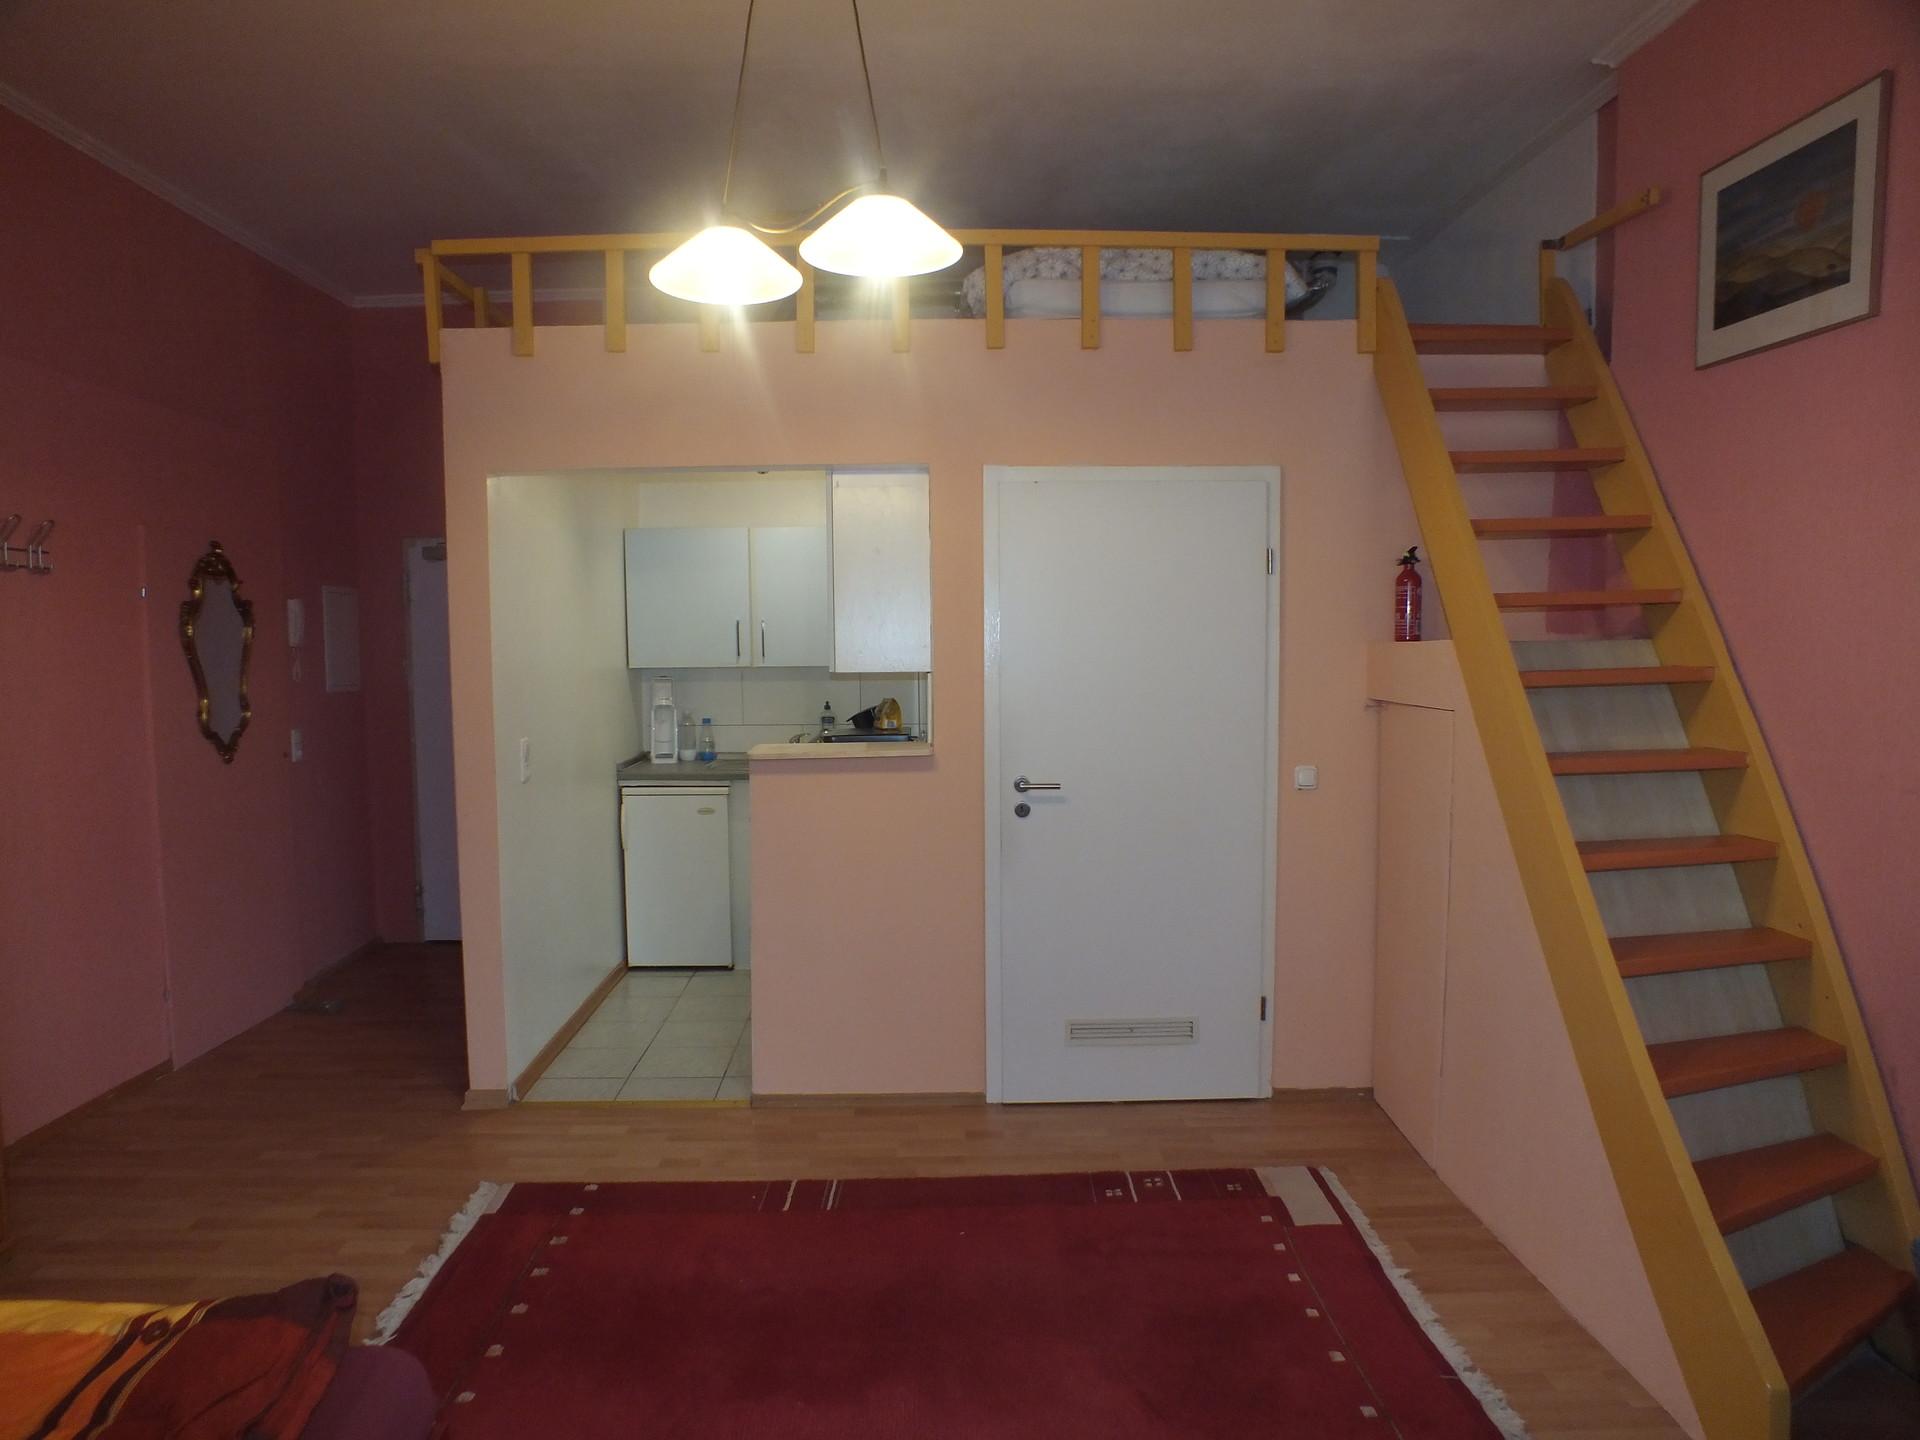 Winzerstraße,  53639 Königswinter